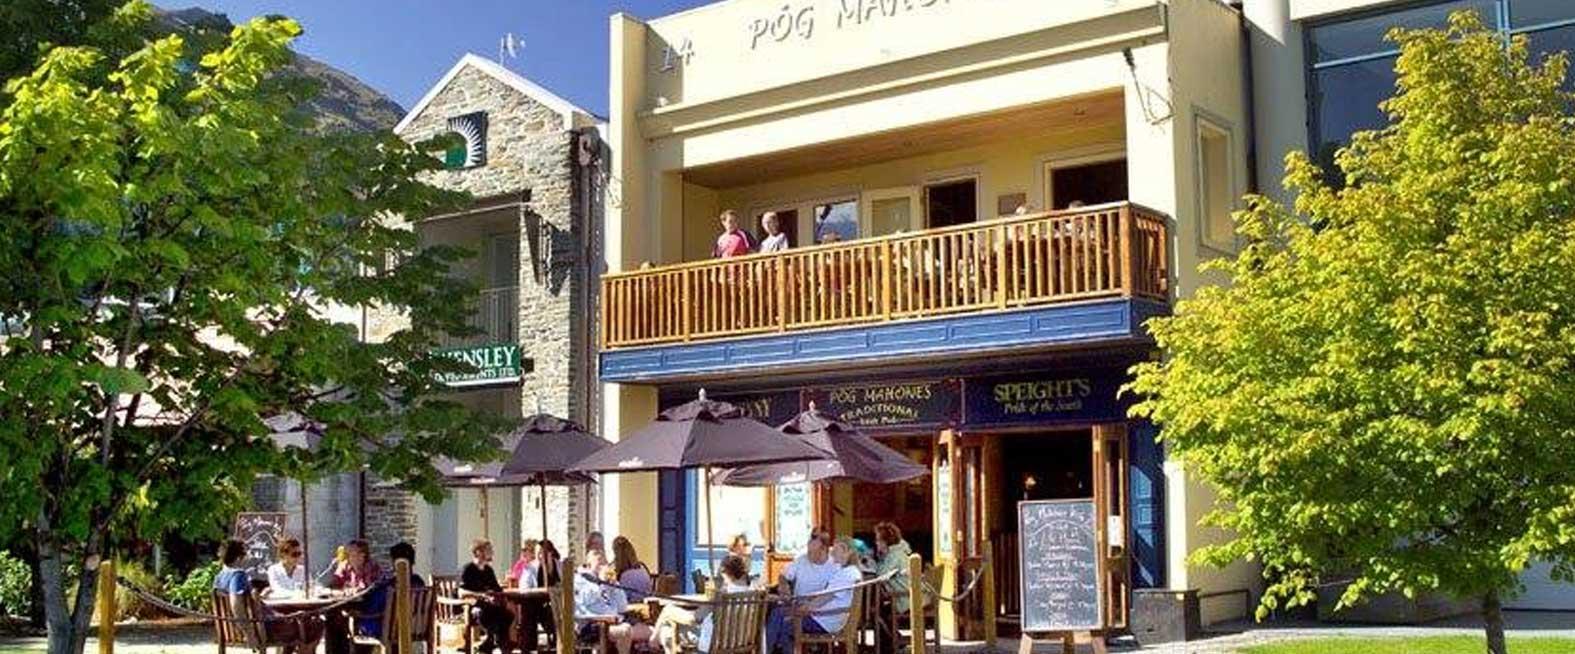 Pog Mahones Irish Pub & Restaurant